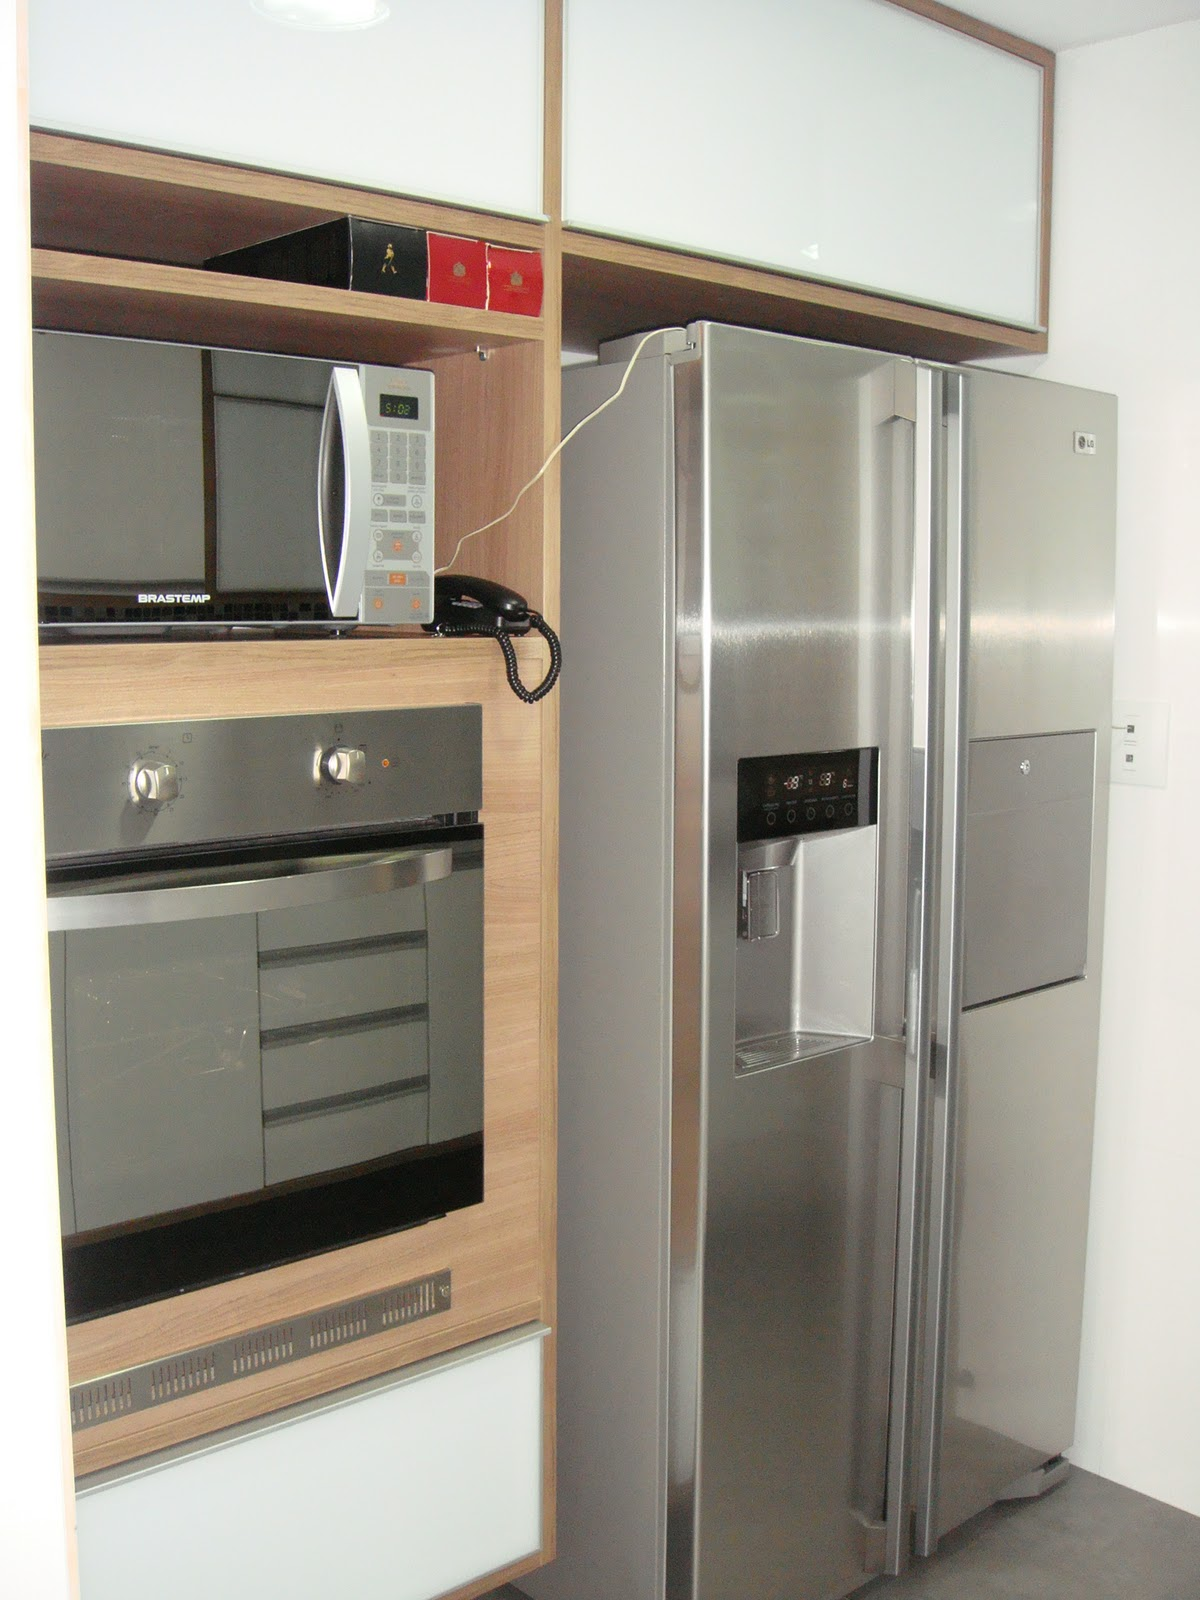 de cozinhas planejadas para ambientes pequenos projetos de cozinhas #A02B2C 1200 1600